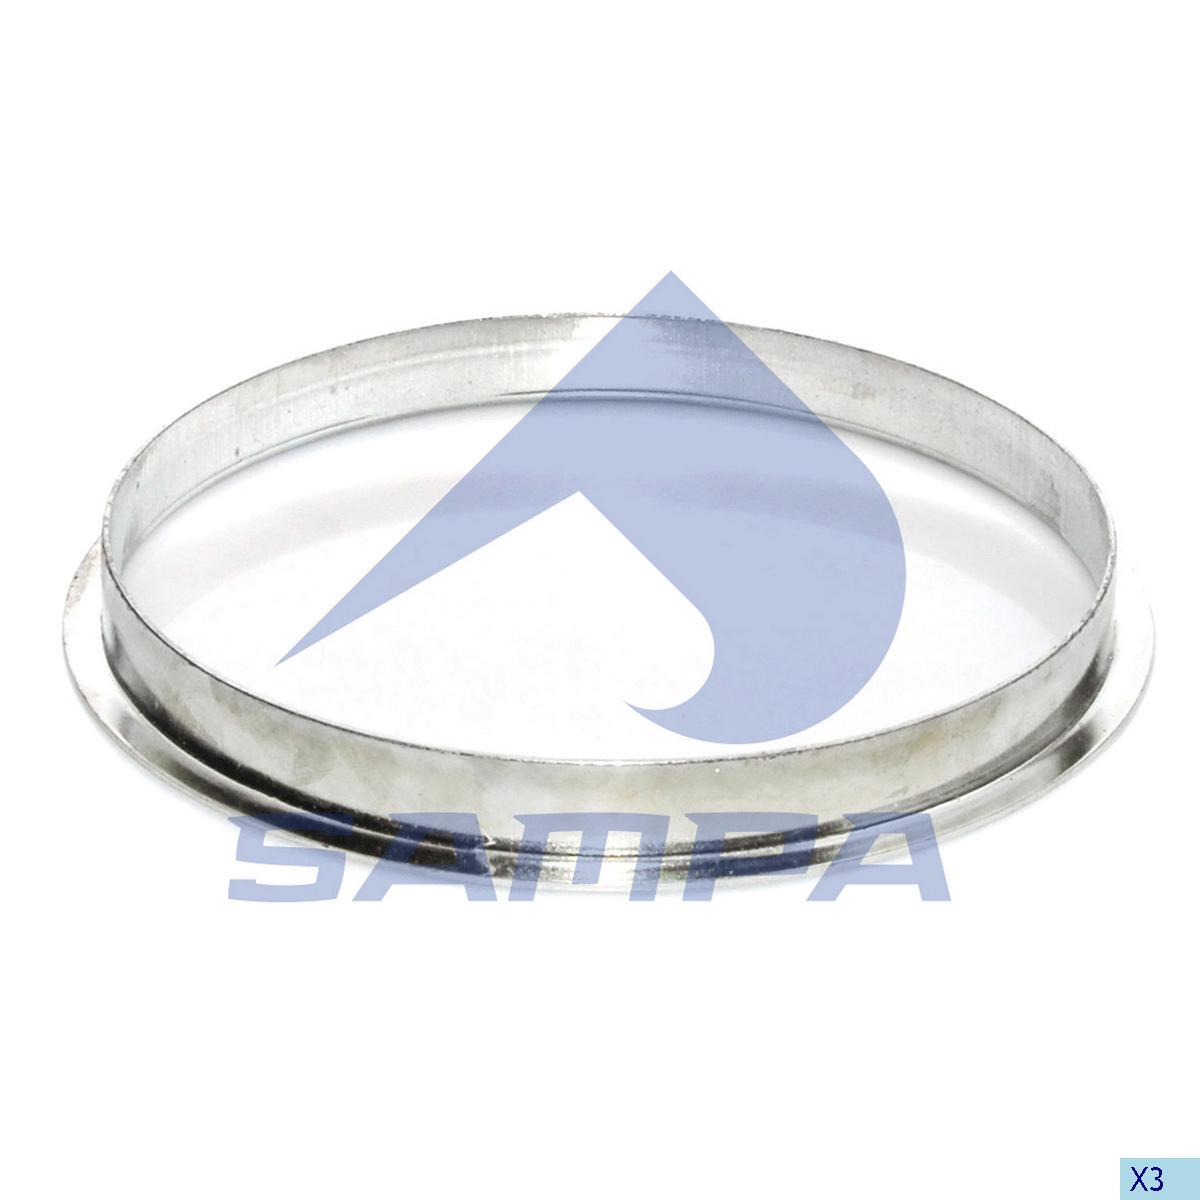 Wear Ring, Bogie Suspension, Ror-Meritor, Suspension